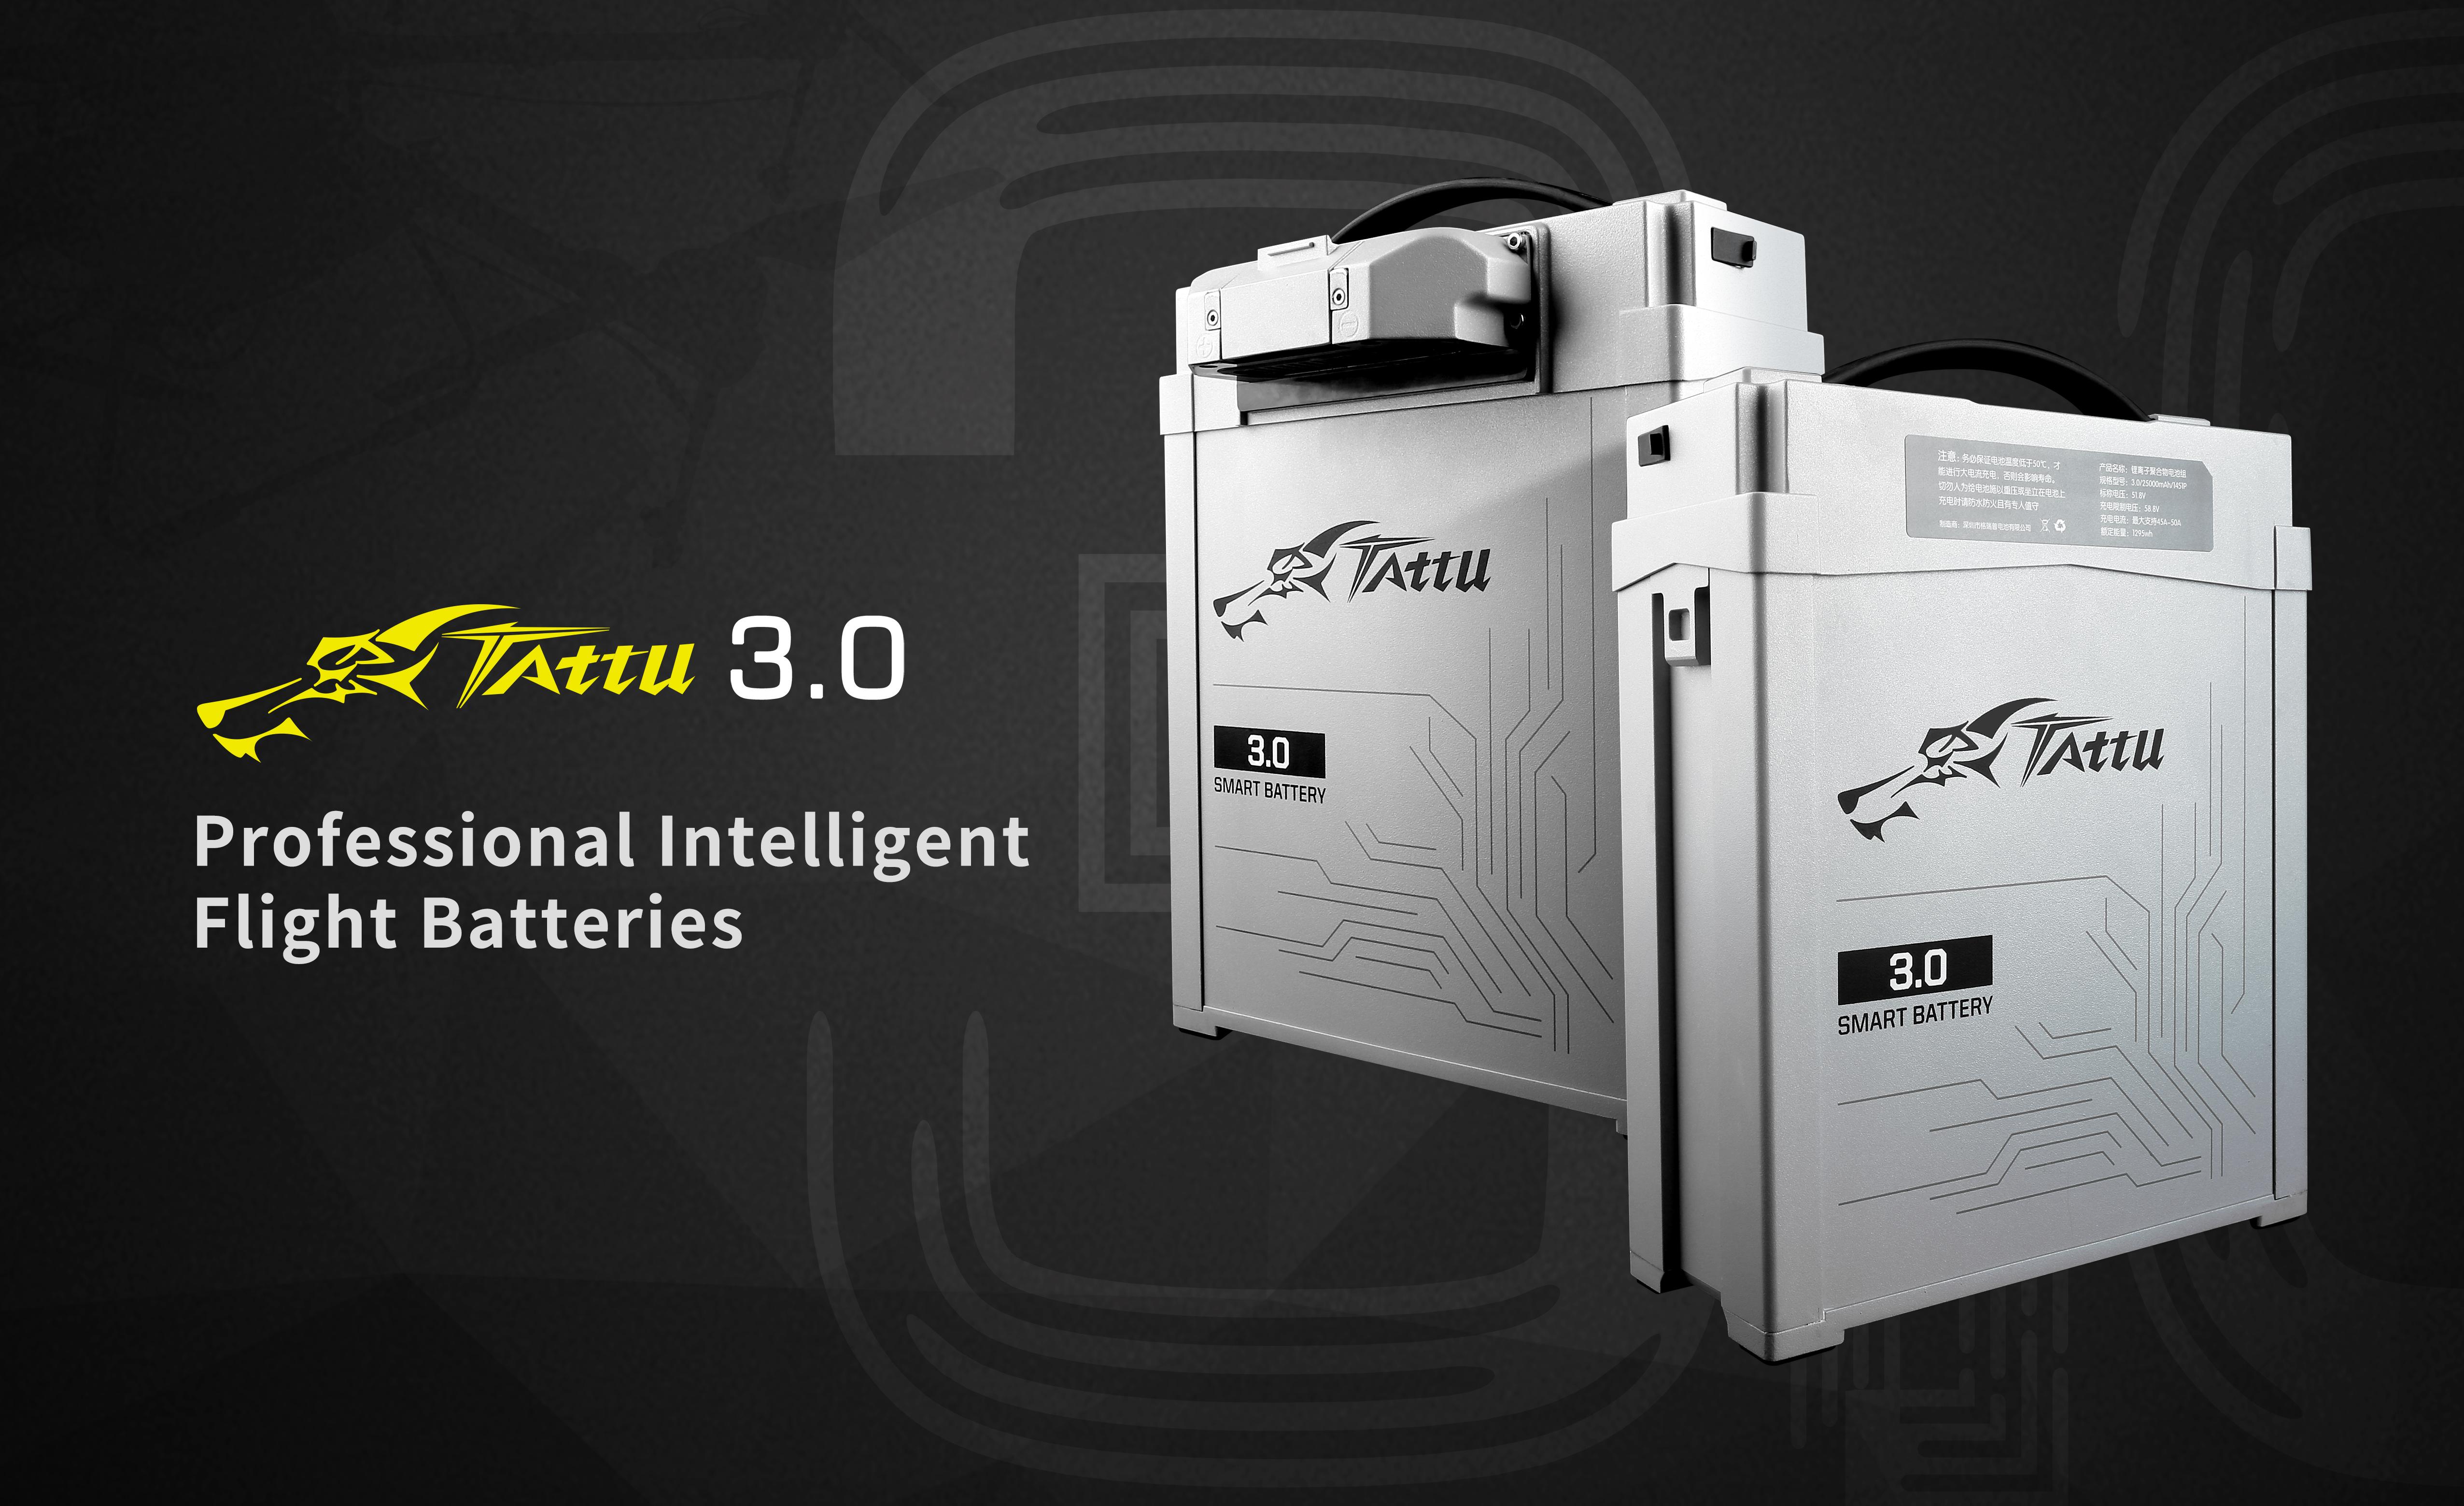 tattu 3.0 smart UAV battery